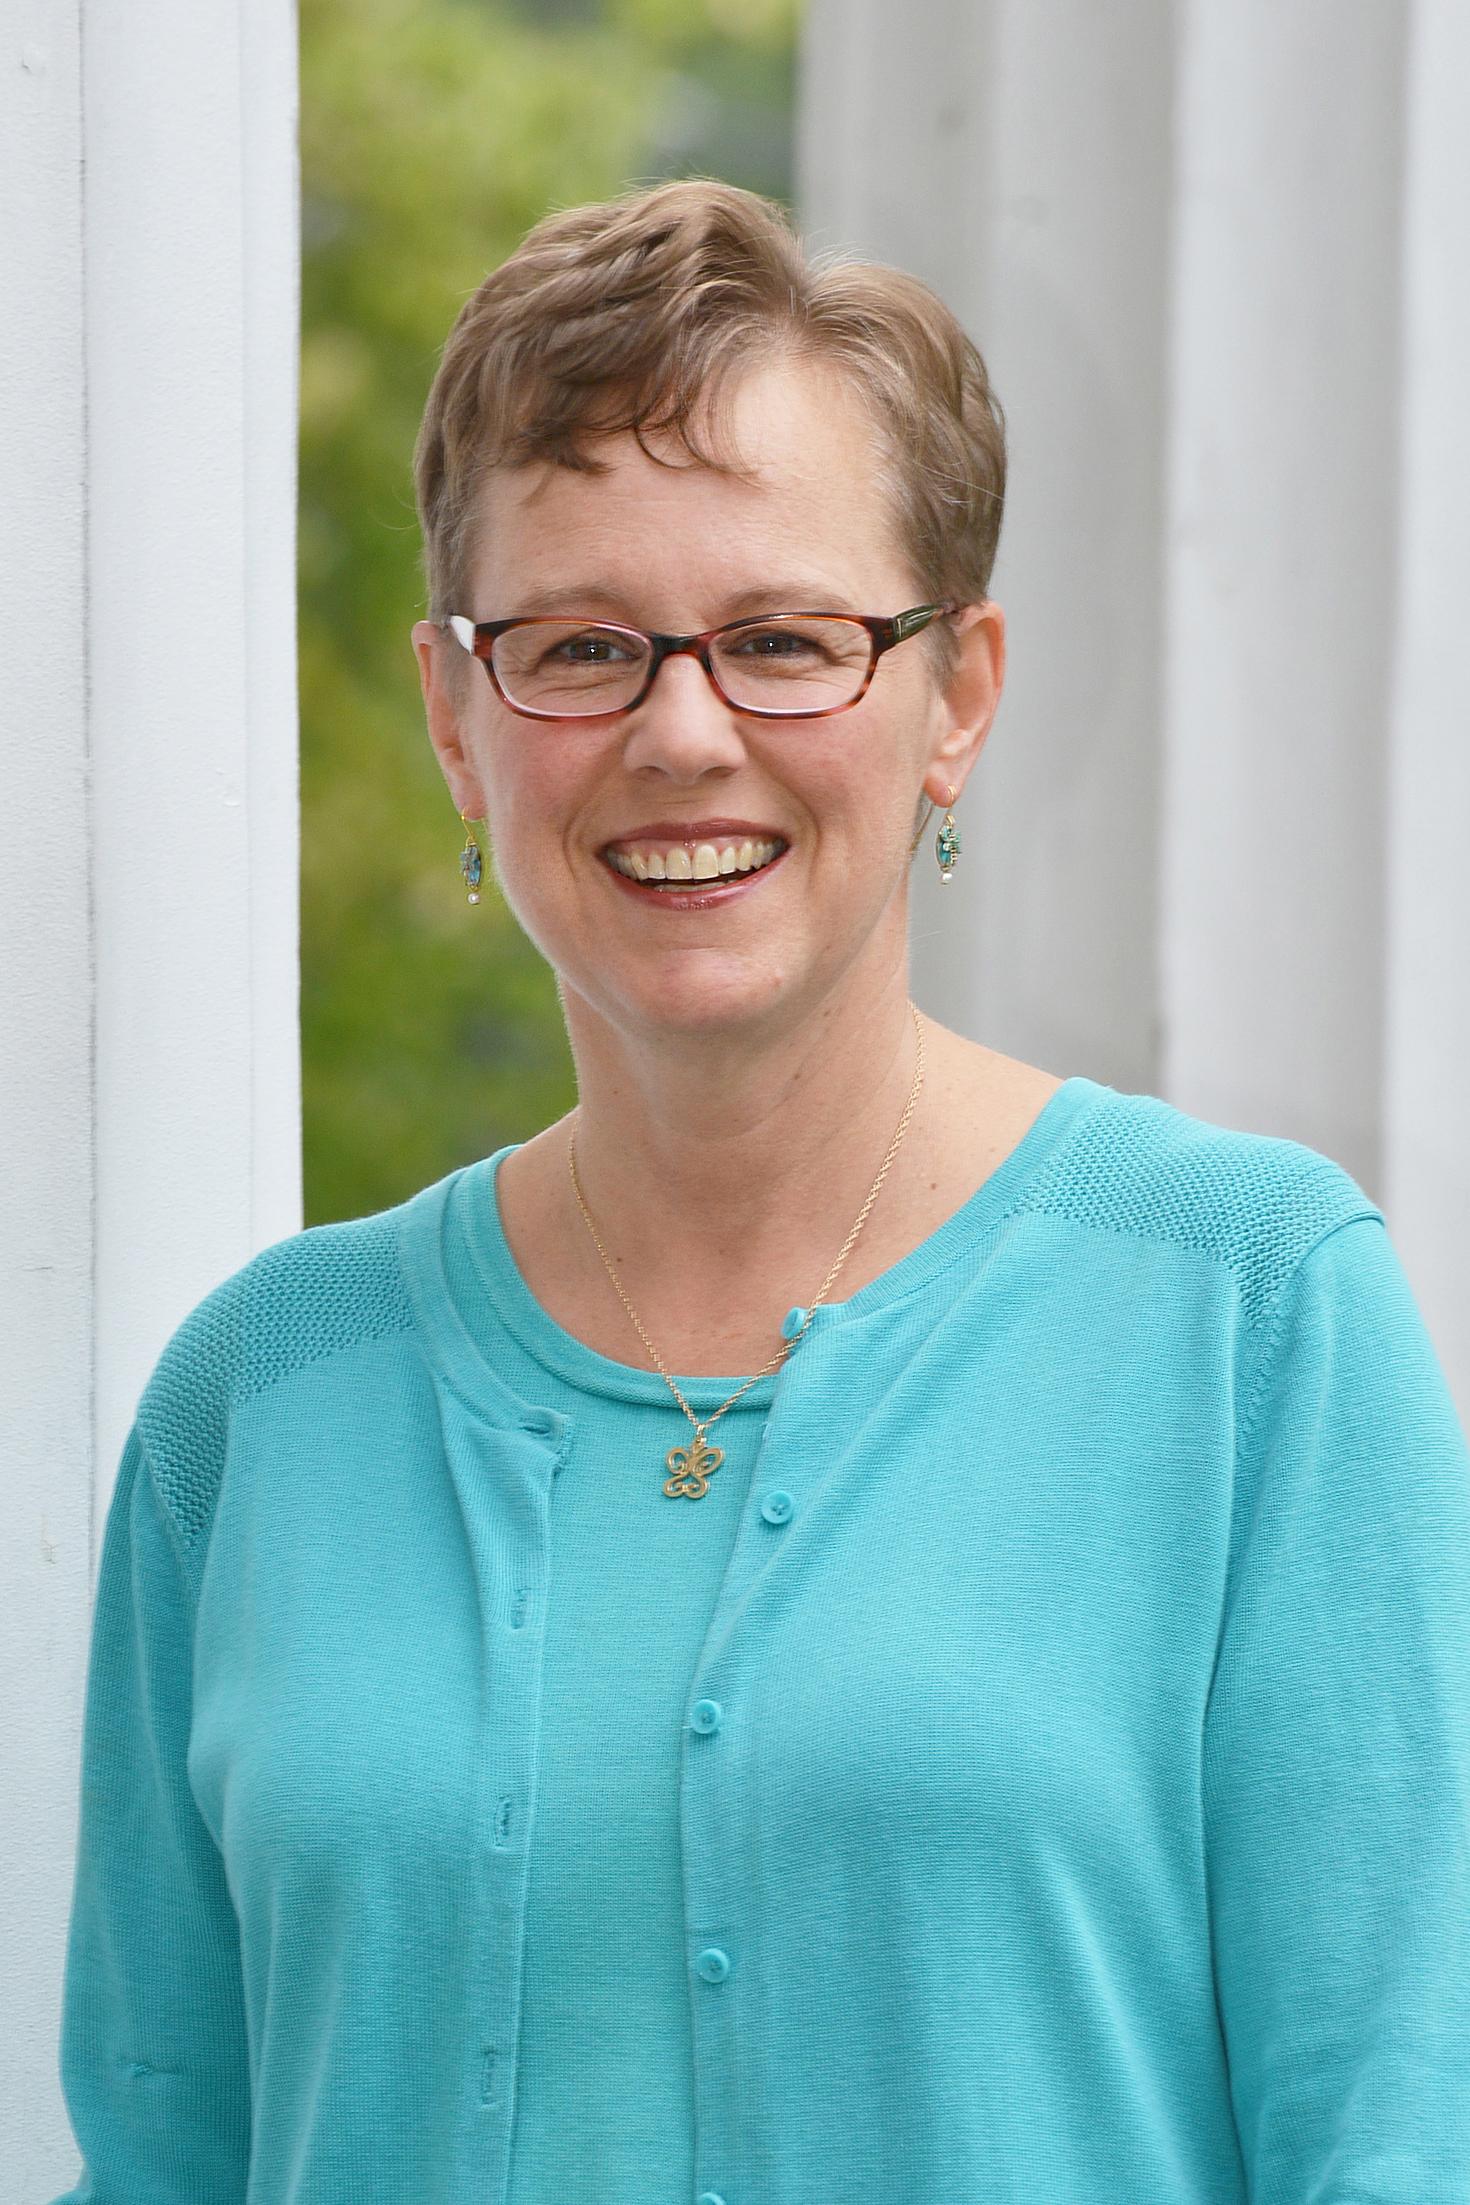 Co-pastor Tami Seidel